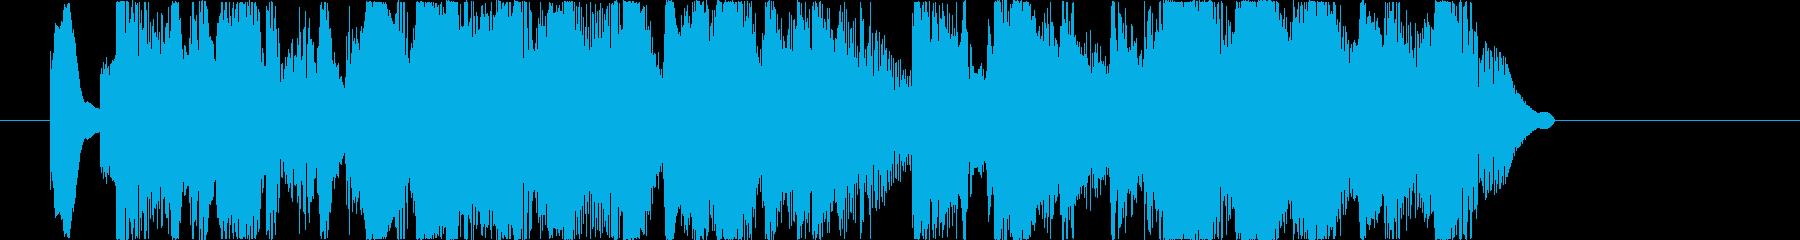 ジャジーでオシャレなジングルの再生済みの波形